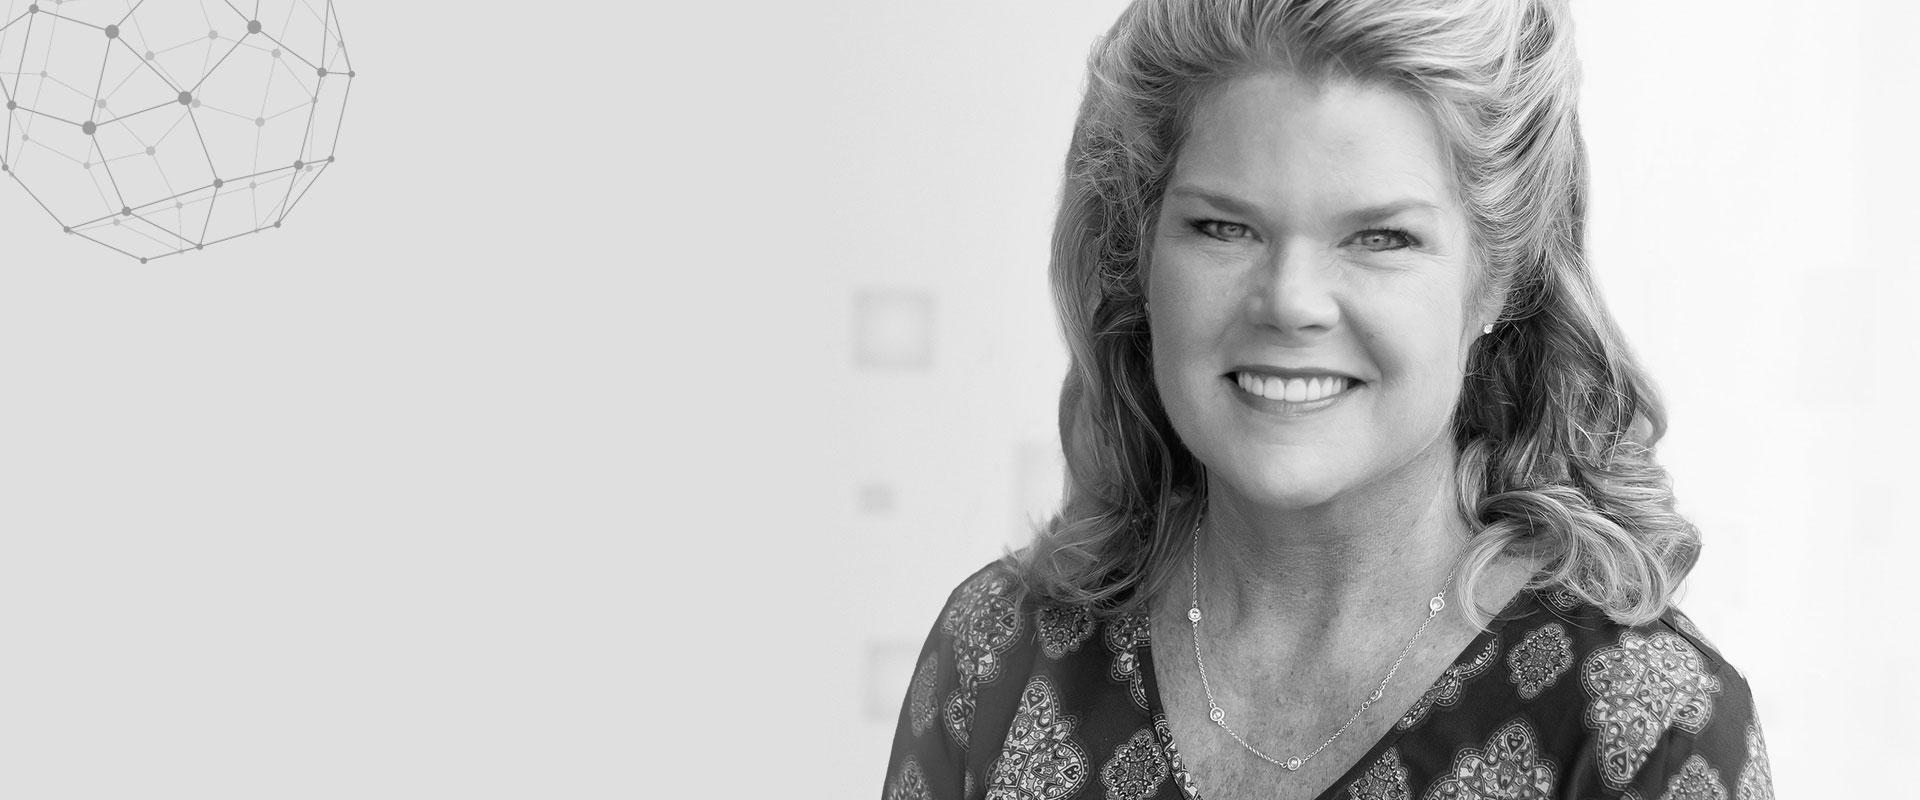 Kathy Schmitt